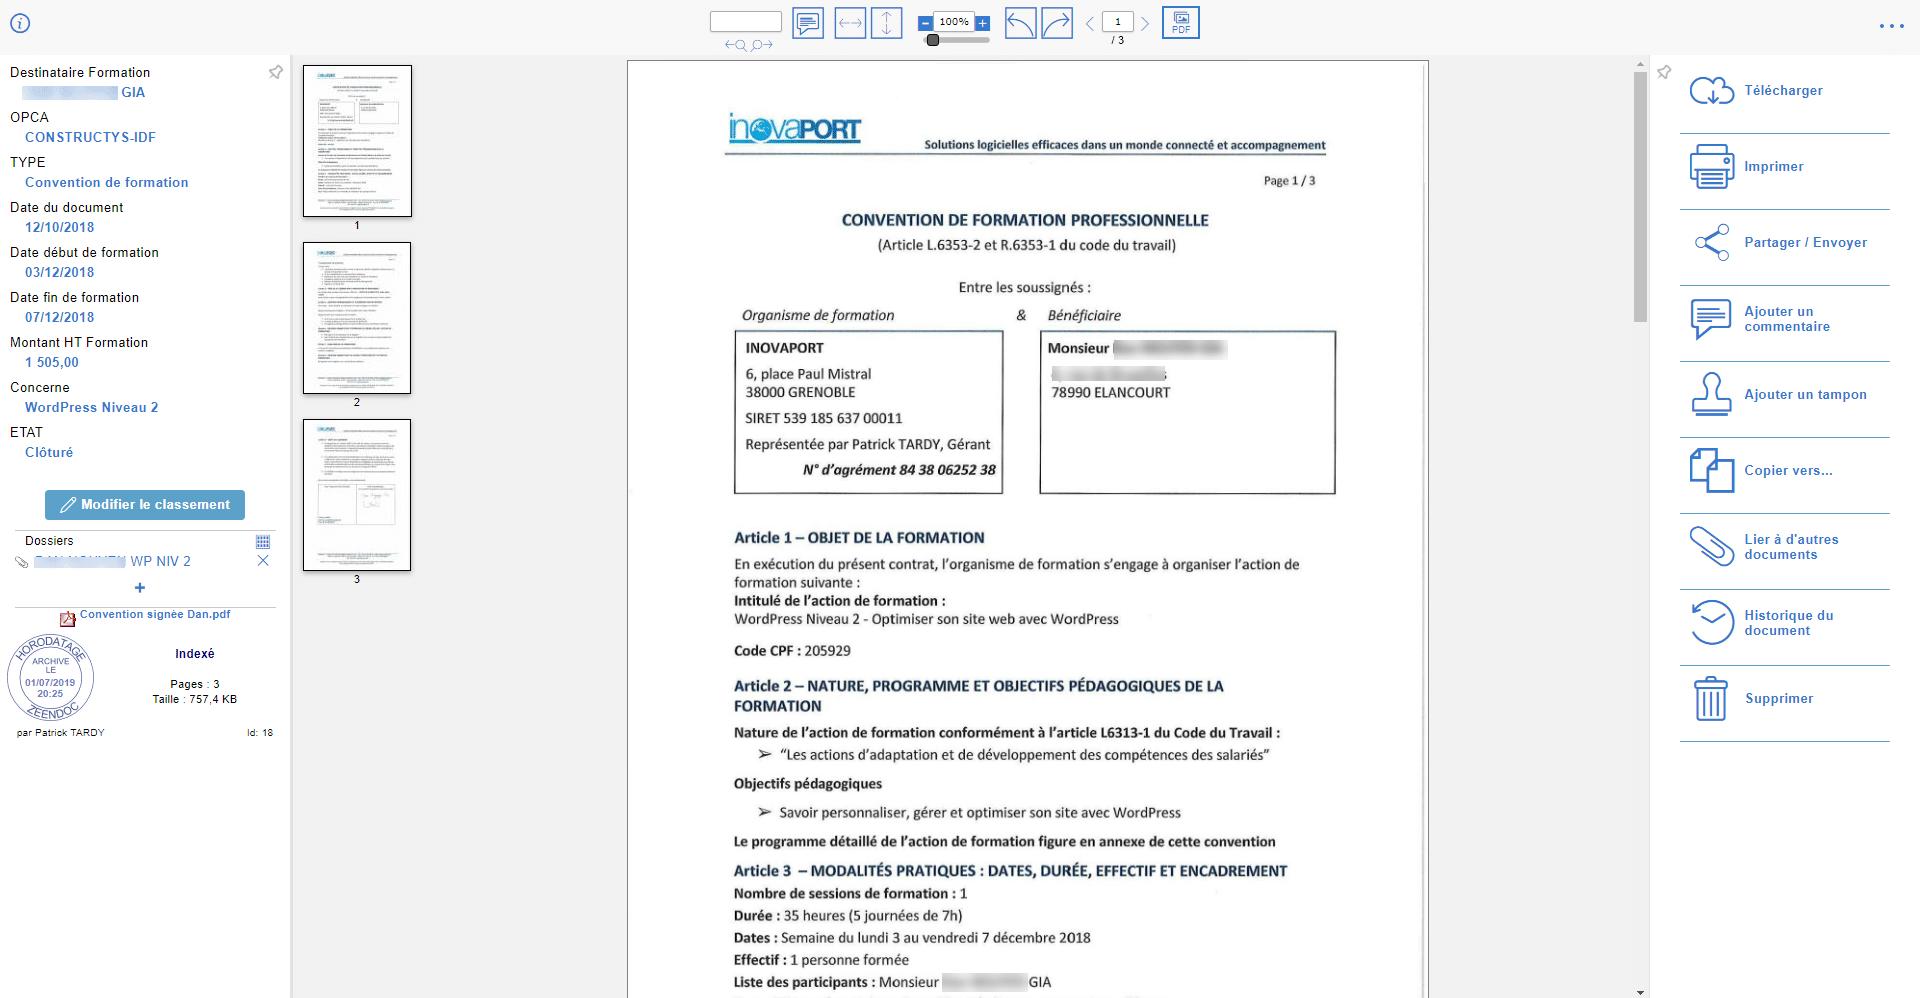 Accès complet aux documents avec Zeendoc